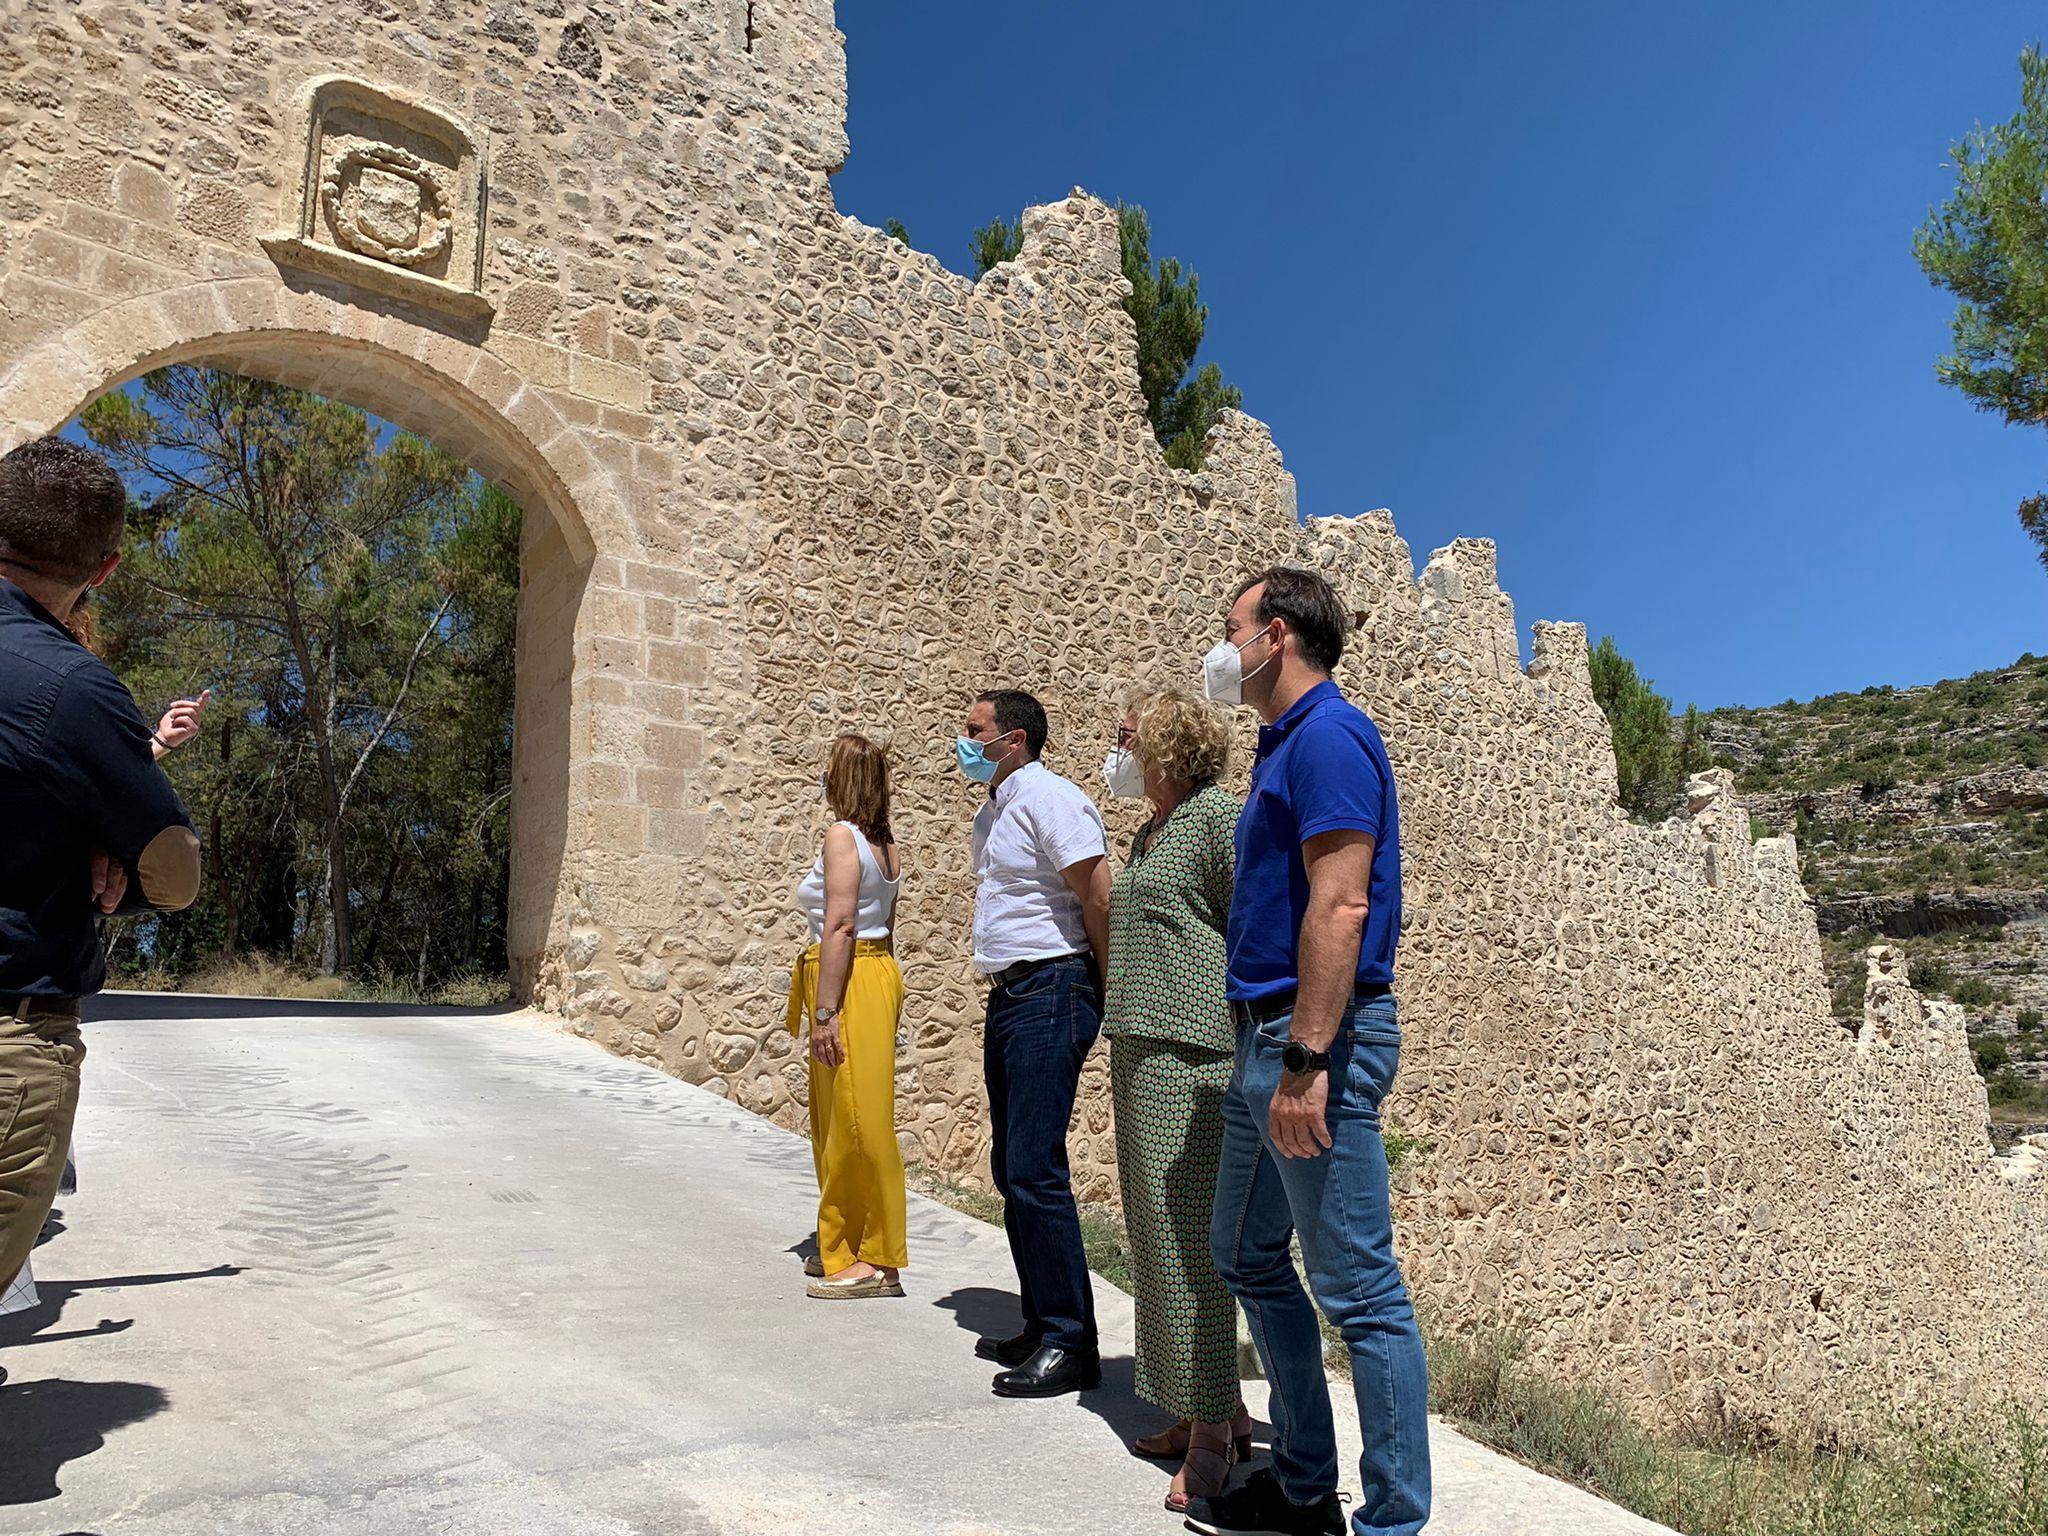 La Diputación de Cuenca lleva a cabo la rehabilitación de la muralla de Alarcón en las puertas del Bodegón y del Pilar